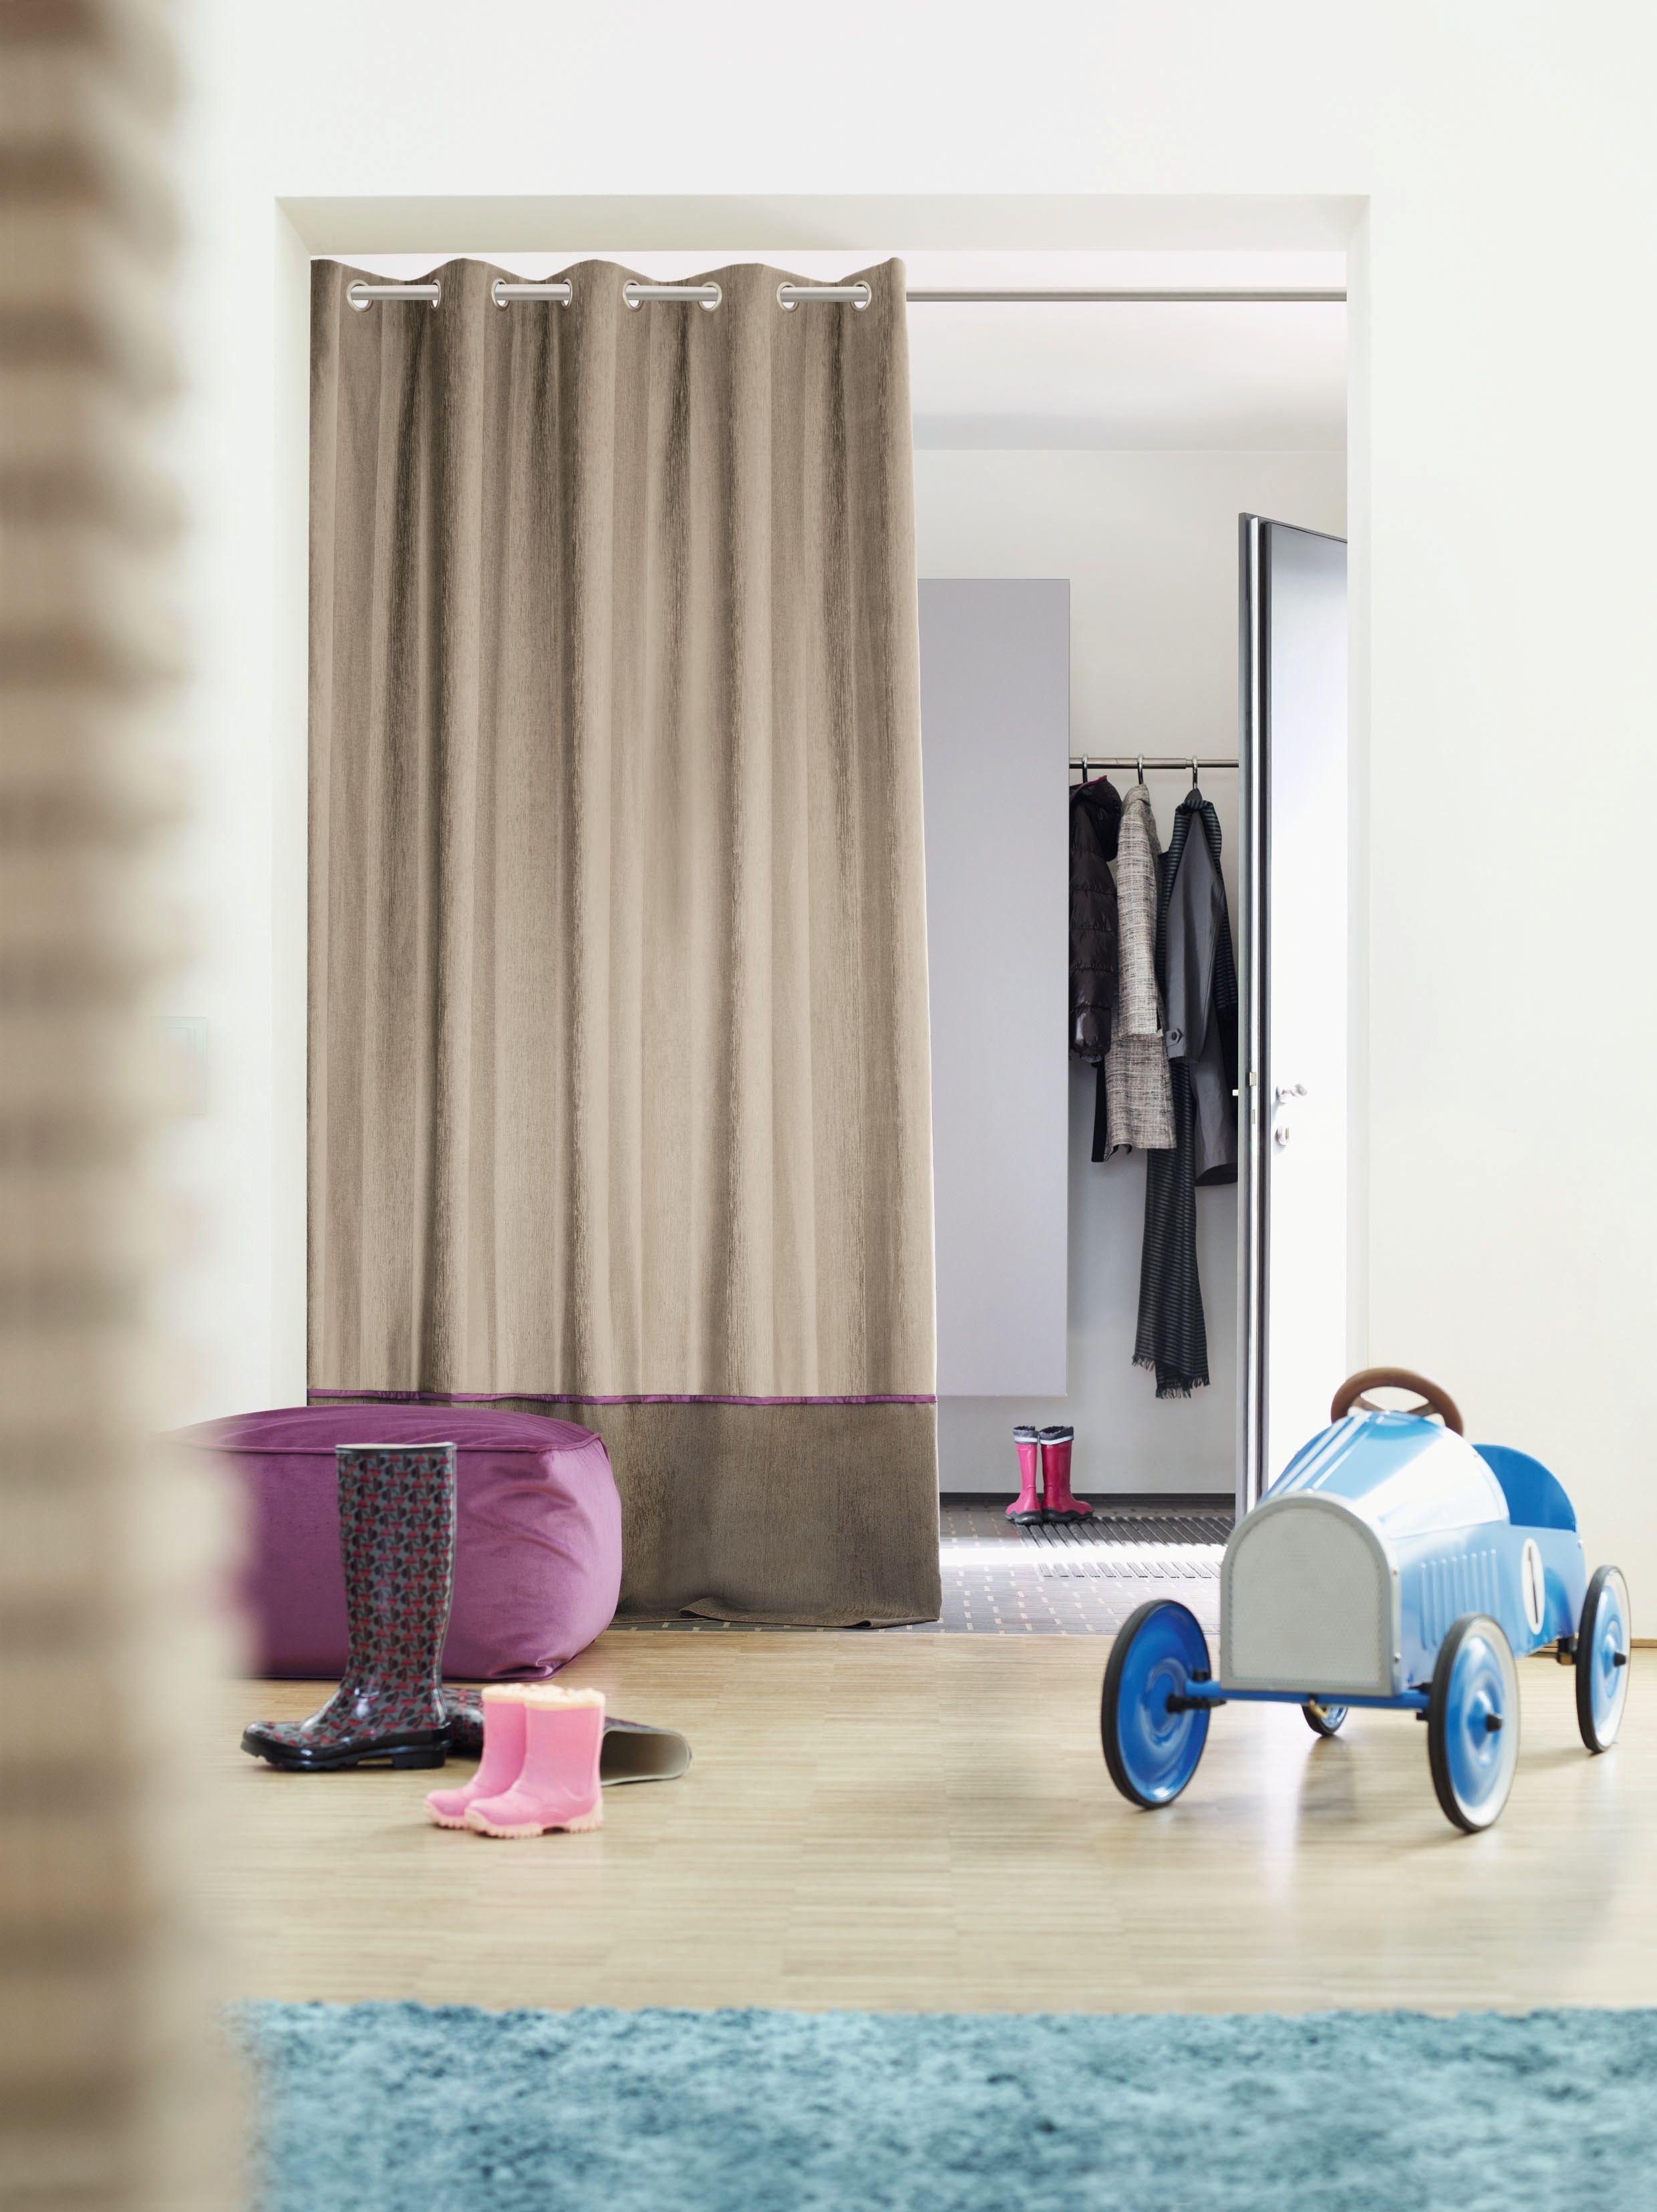 Fensterbekleidung Ohne Muff Diese Gardinen Und Vorhnge Schmcken Ihr Zuhause